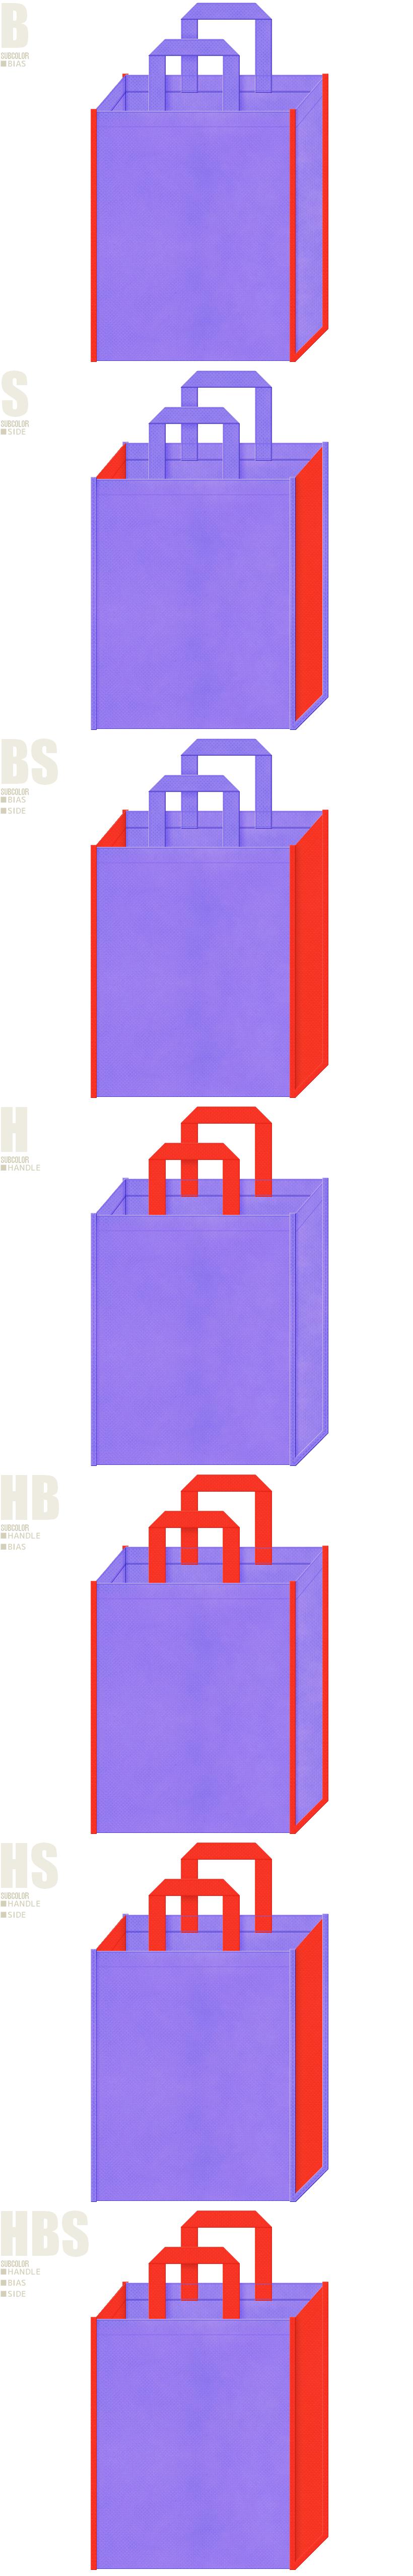 薄紫色とオレンジ色の配色7パターン:不織布トートバッグのデザイン